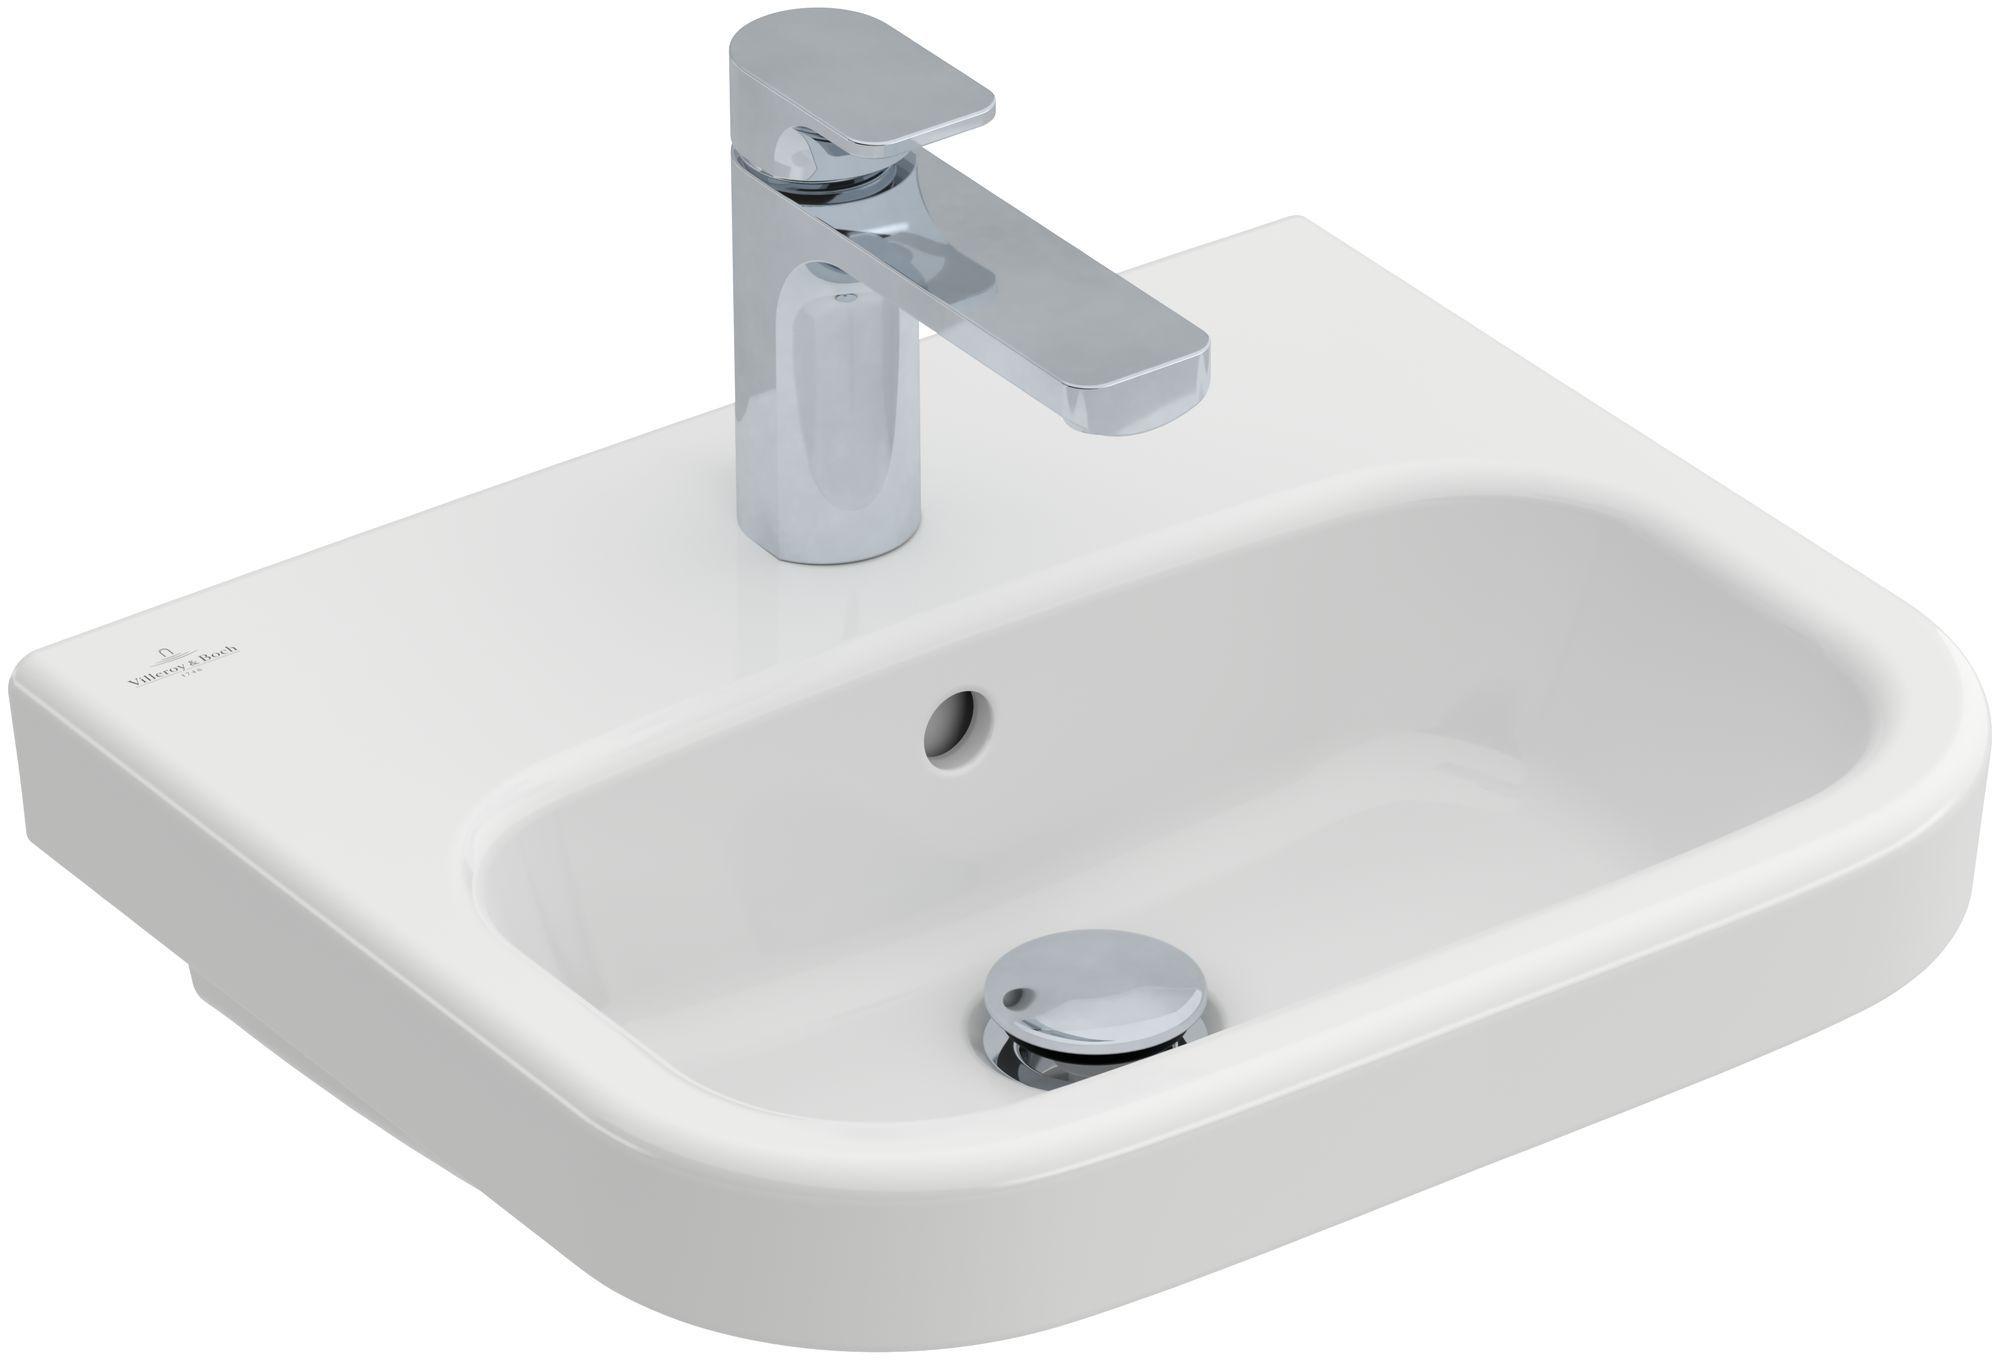 Villeroy & Boch Architectura Handwaschbecken B:45xT:38cm mit 1 Hahnloch mit Überlauf weiß mit CeramicPlus 437345R1